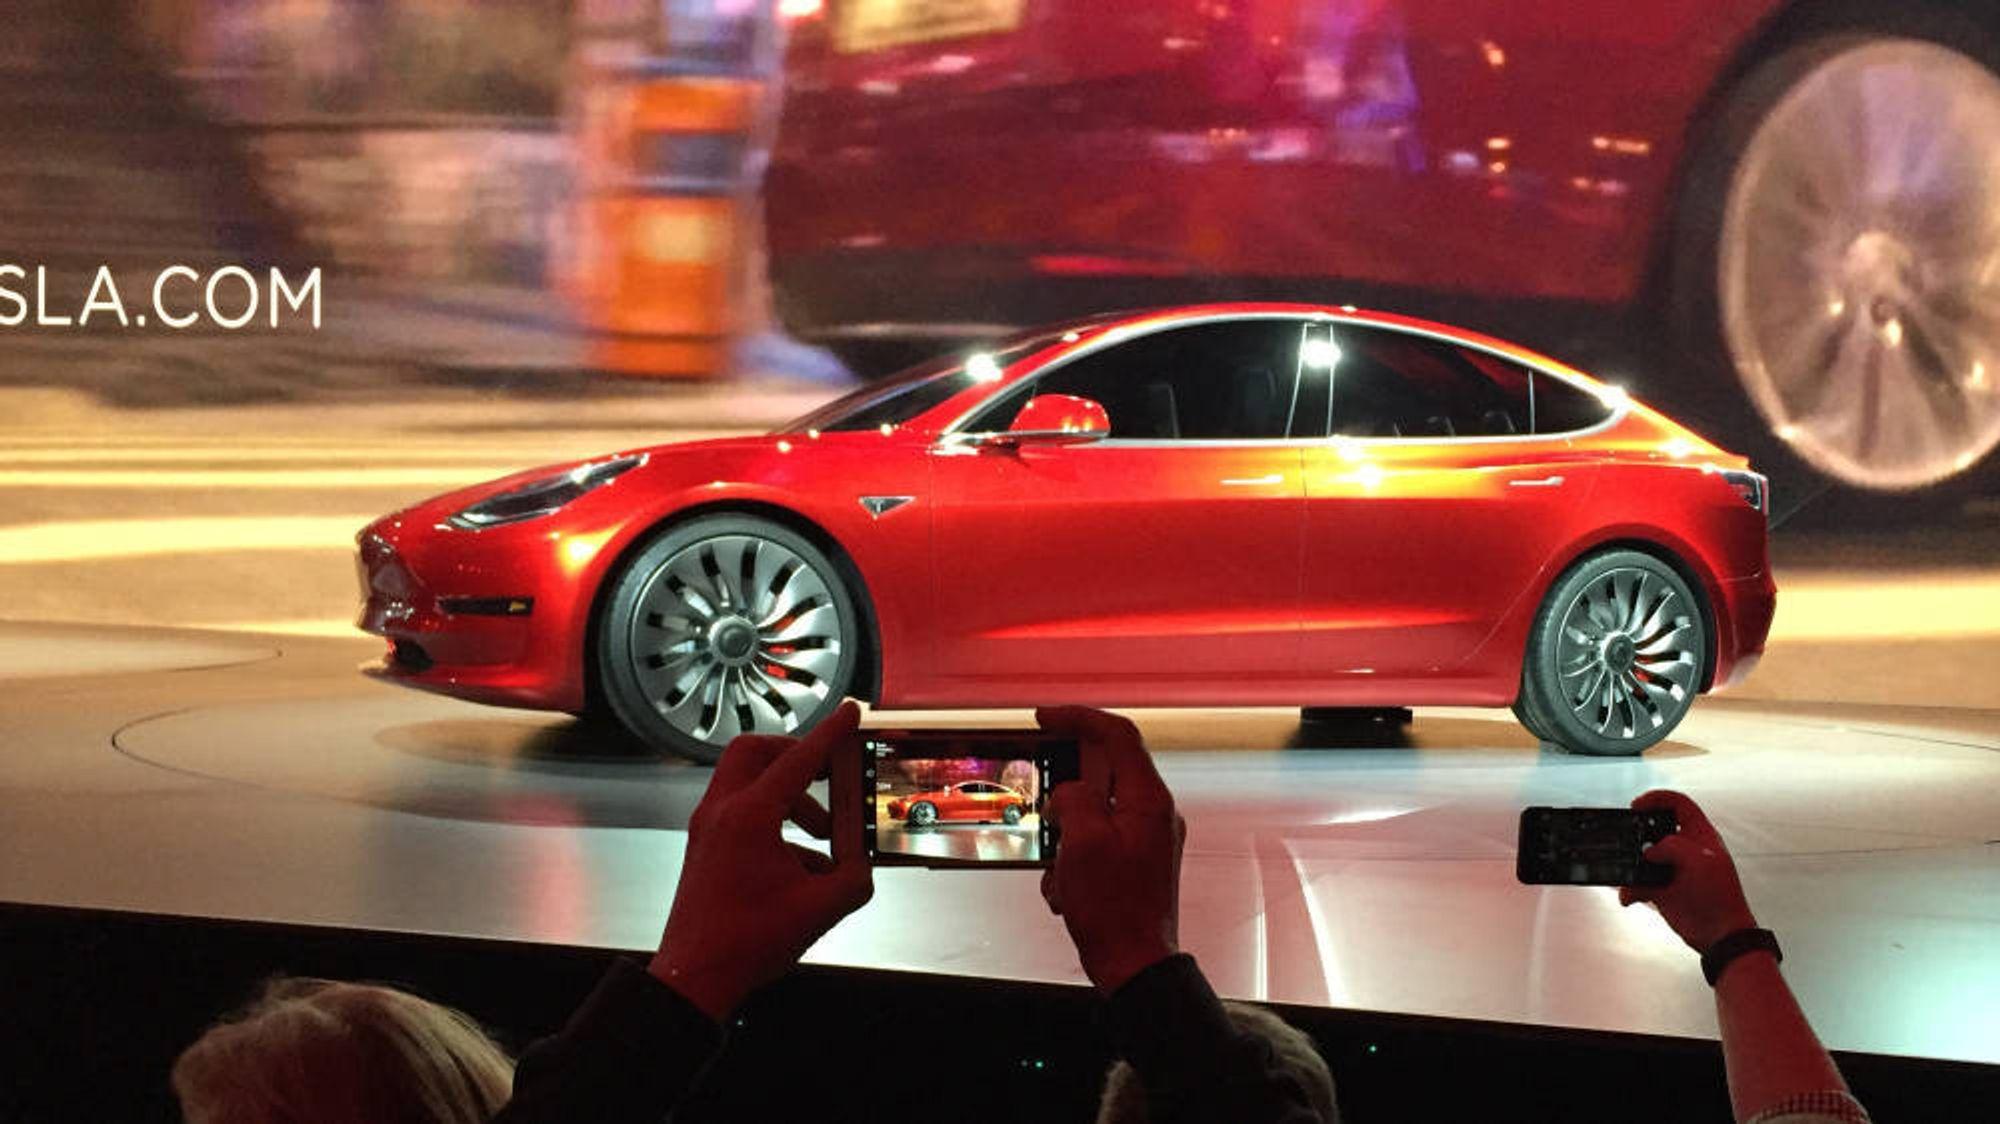 Nye Teslaer kommer med oppgradet maskinvare for autonom kjøring. Her fra utdelingen av de første 30 eksemplarene av Model 3.